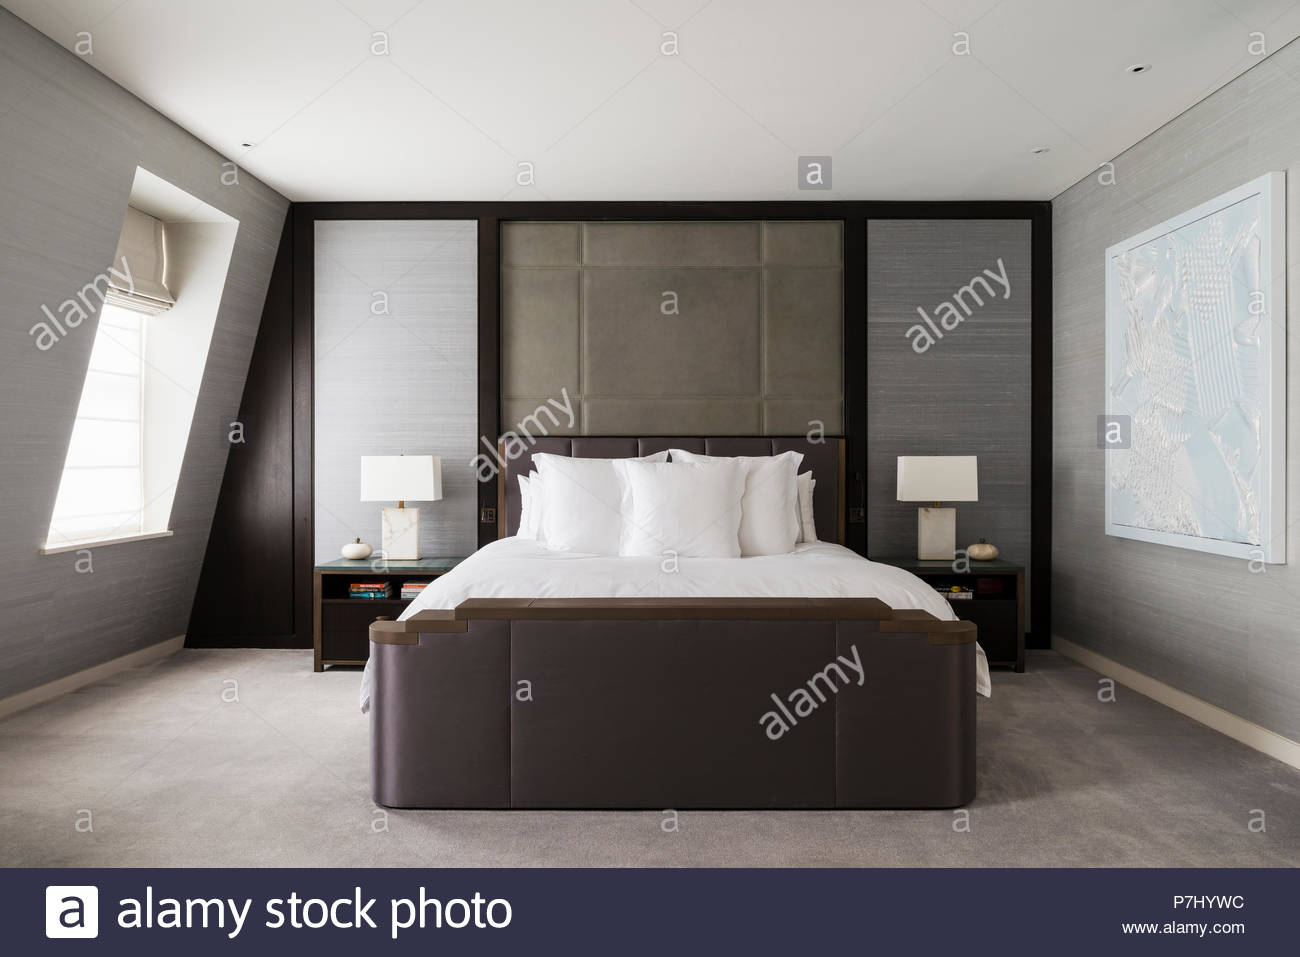 Camere Da Letto Design Minimalista : Camera da letto minimalista foto immagine stock alamy